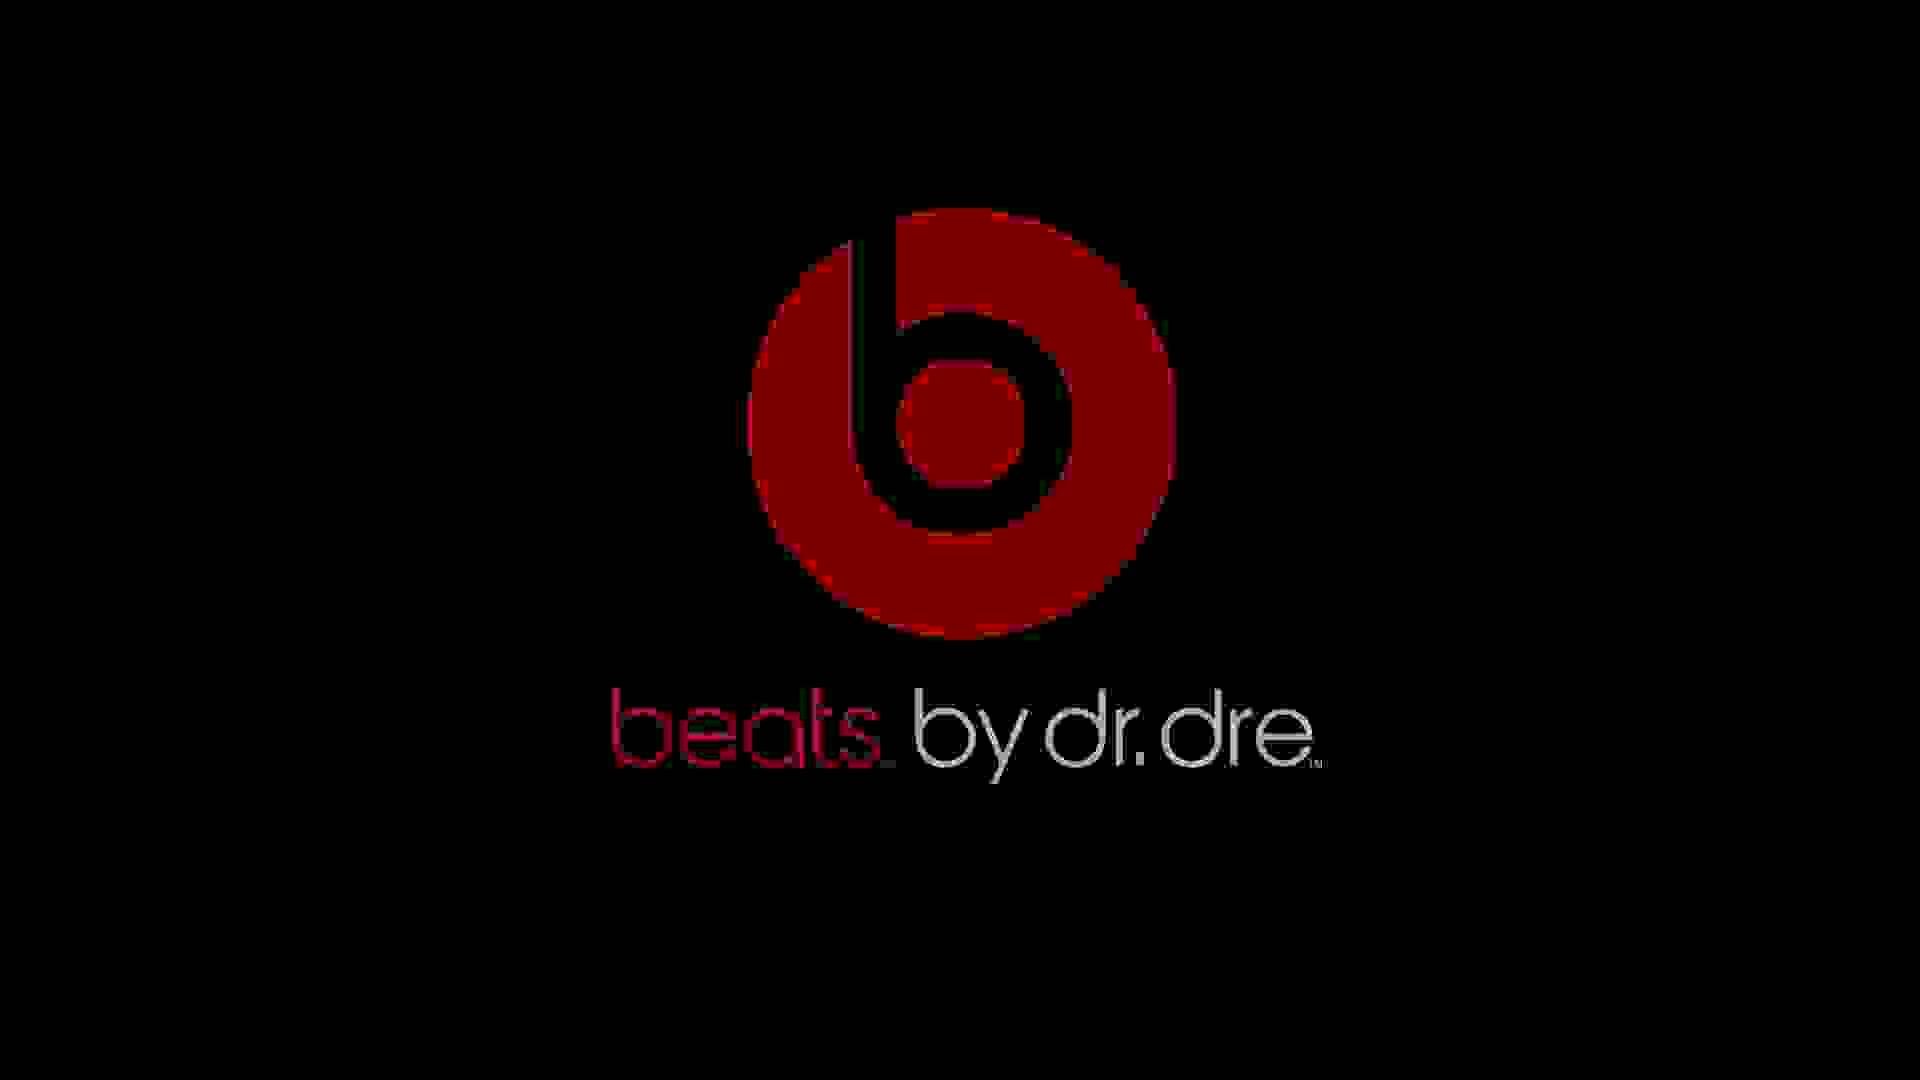 Apple acquista Beats Audio per 3 miliardi dollari